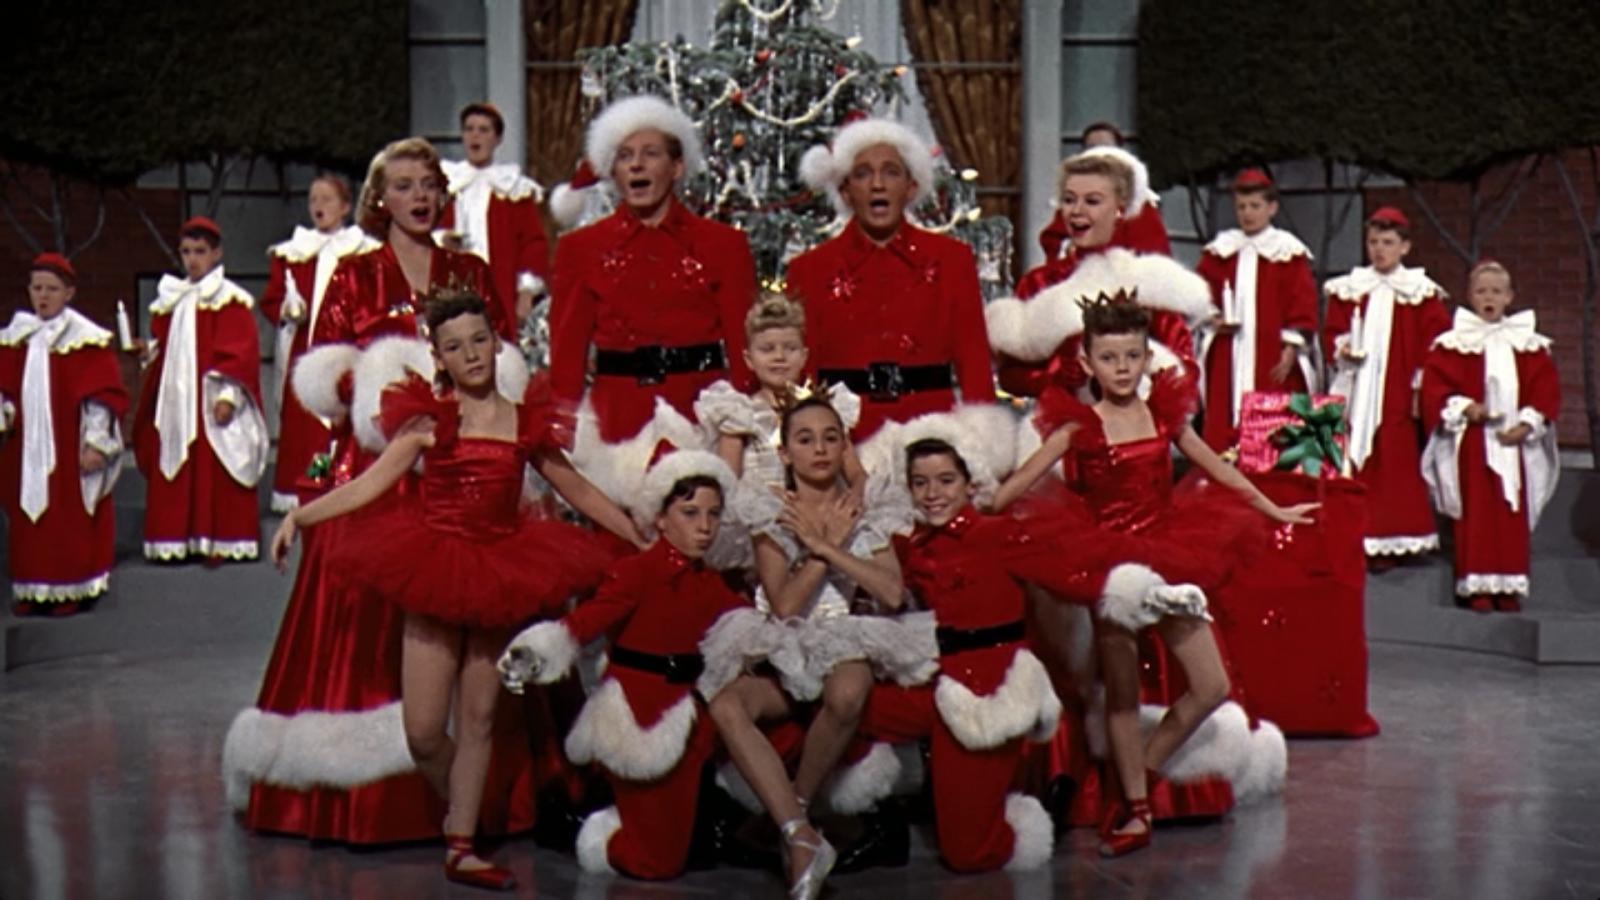 white christmas (film) - wikipedia the free encyclopedia